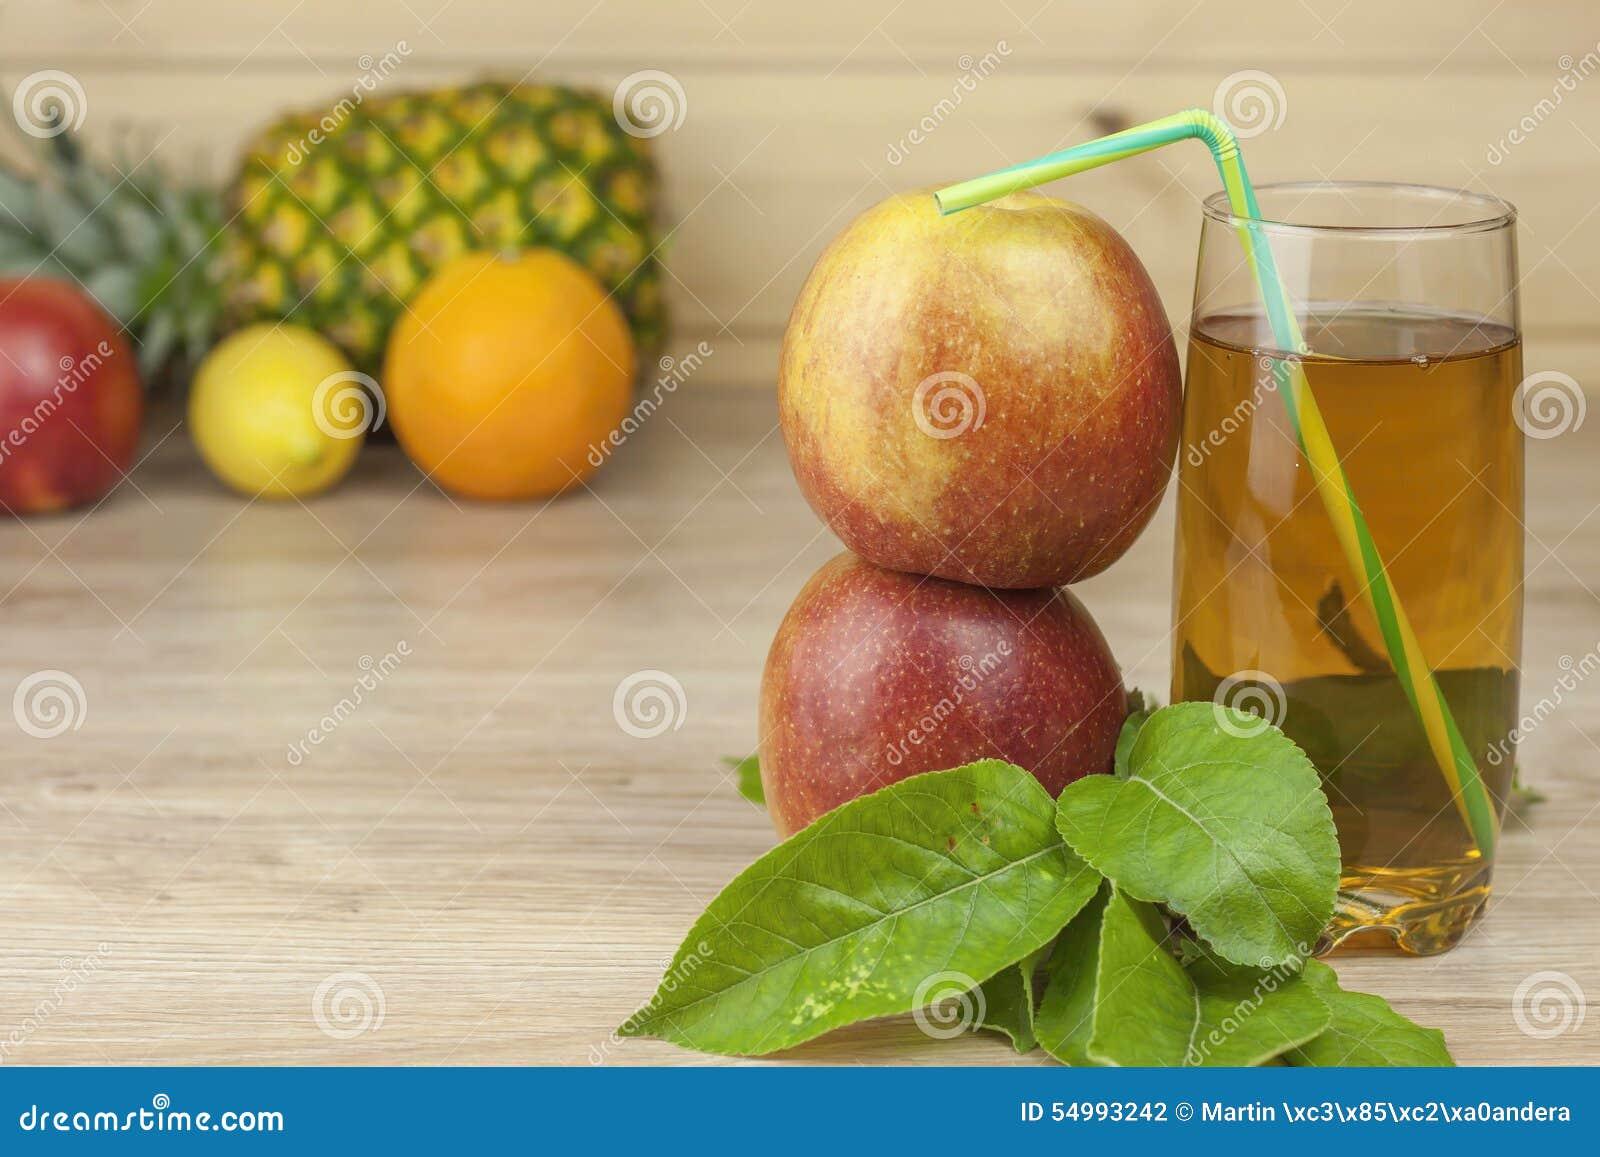 Ny äppelmust, kall sommaruppfriskning, bantar drinken